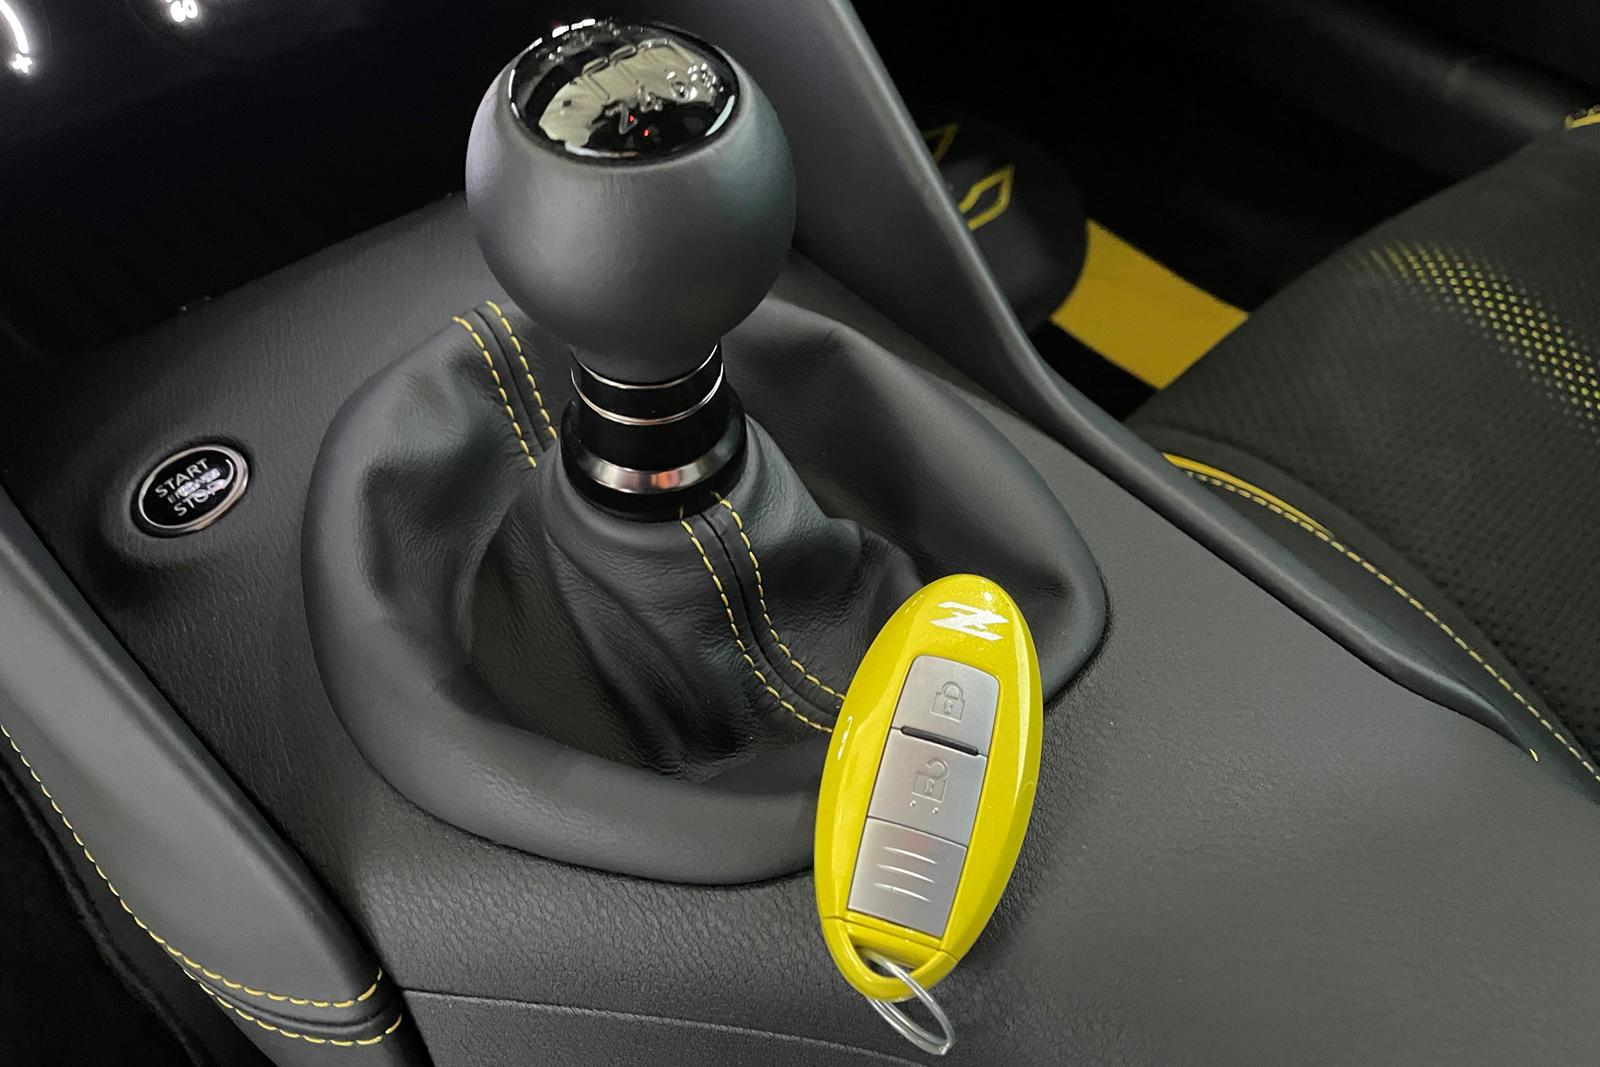 Проведя немного времени с Nissan Z Proto Concept, мы с нетерпением ждем возможности увидеть, каким будет серийный спортивный автомобиль Z. Просочившиеся фотографии показывают, что он должен выглядеть почти идентично концепту, а дальнейшие утечки наме